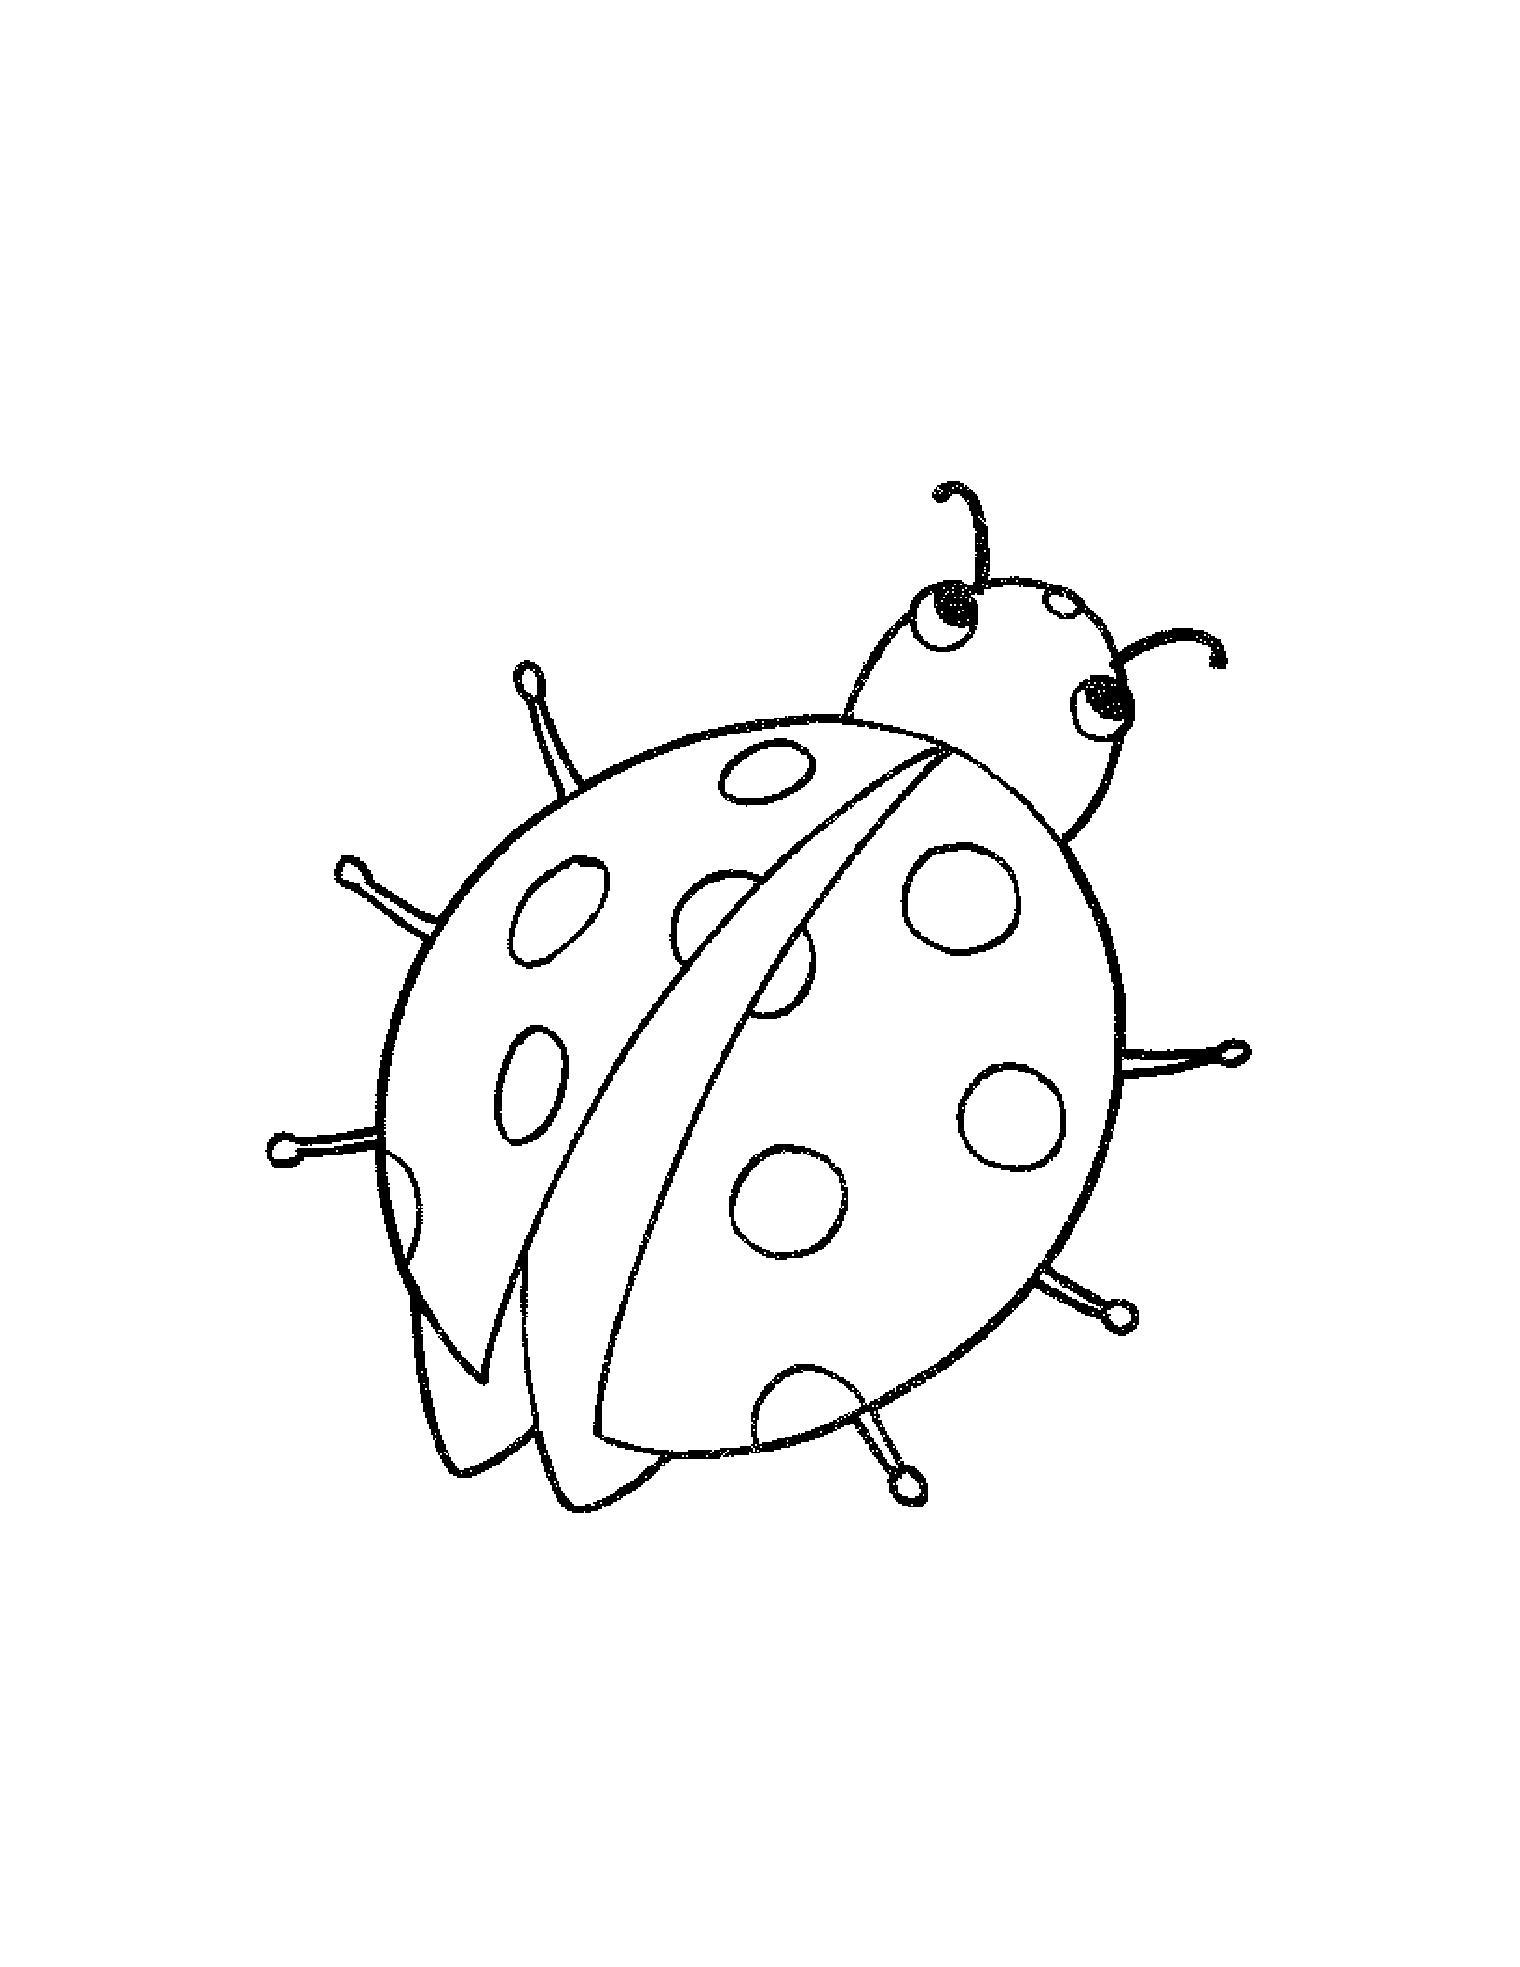 Распечатать бесплатные раскраски для детей: животные: насекомые, бабочки